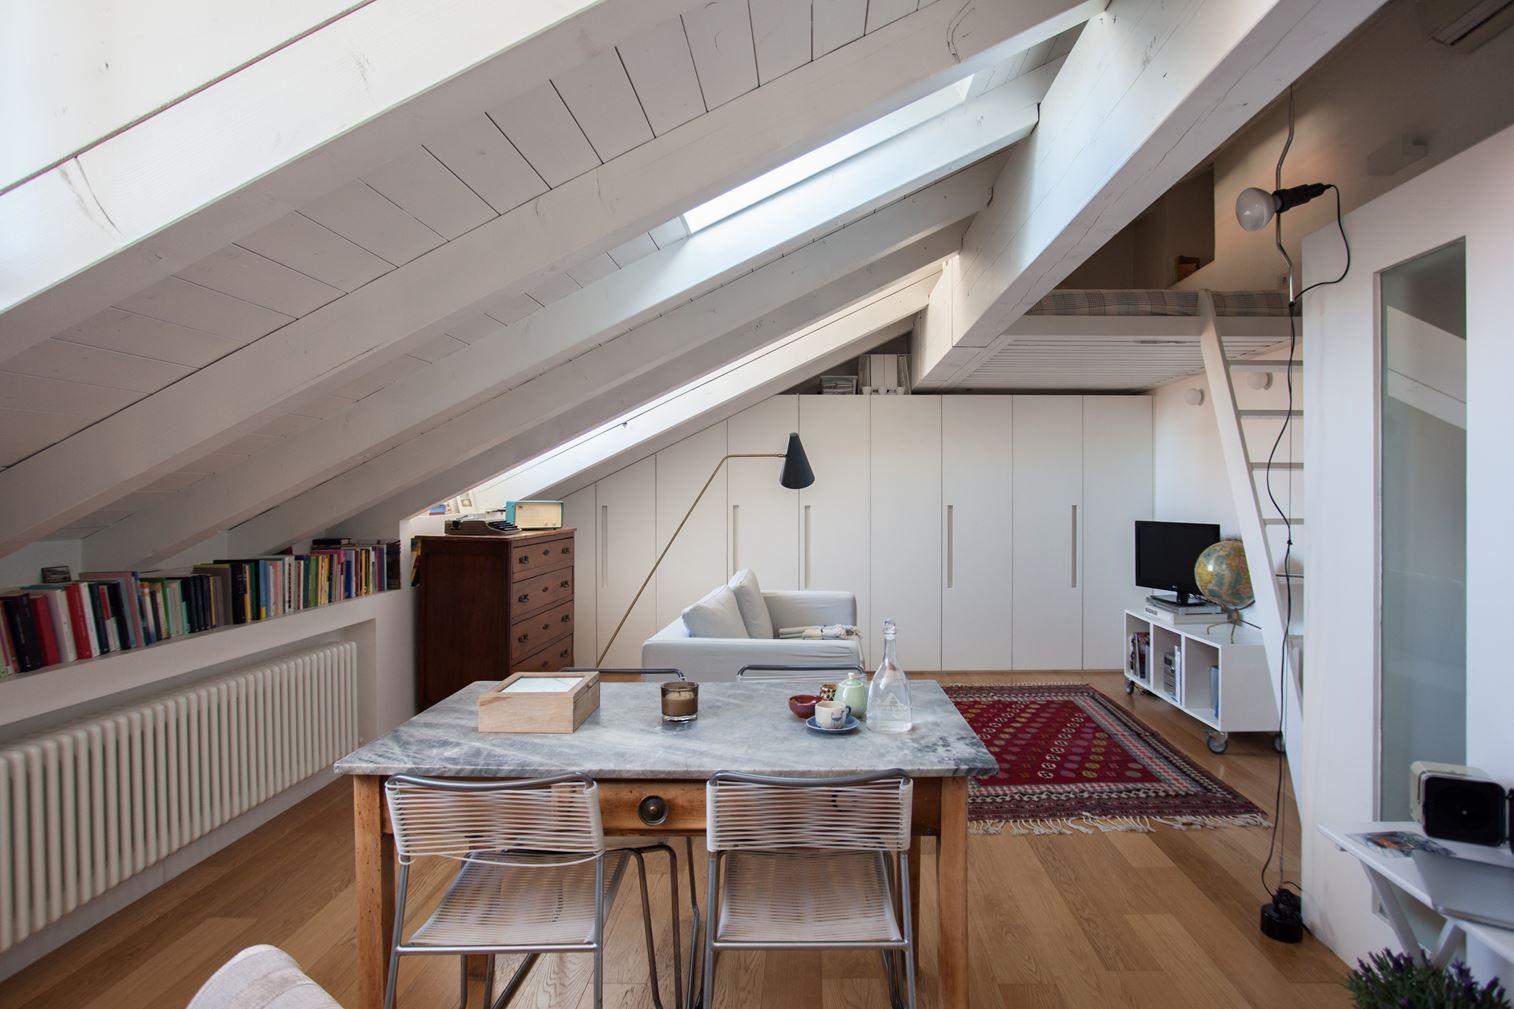 La ristrutturazione di una mansarda con soppalco a milano for Arredamento casa milano e provincia